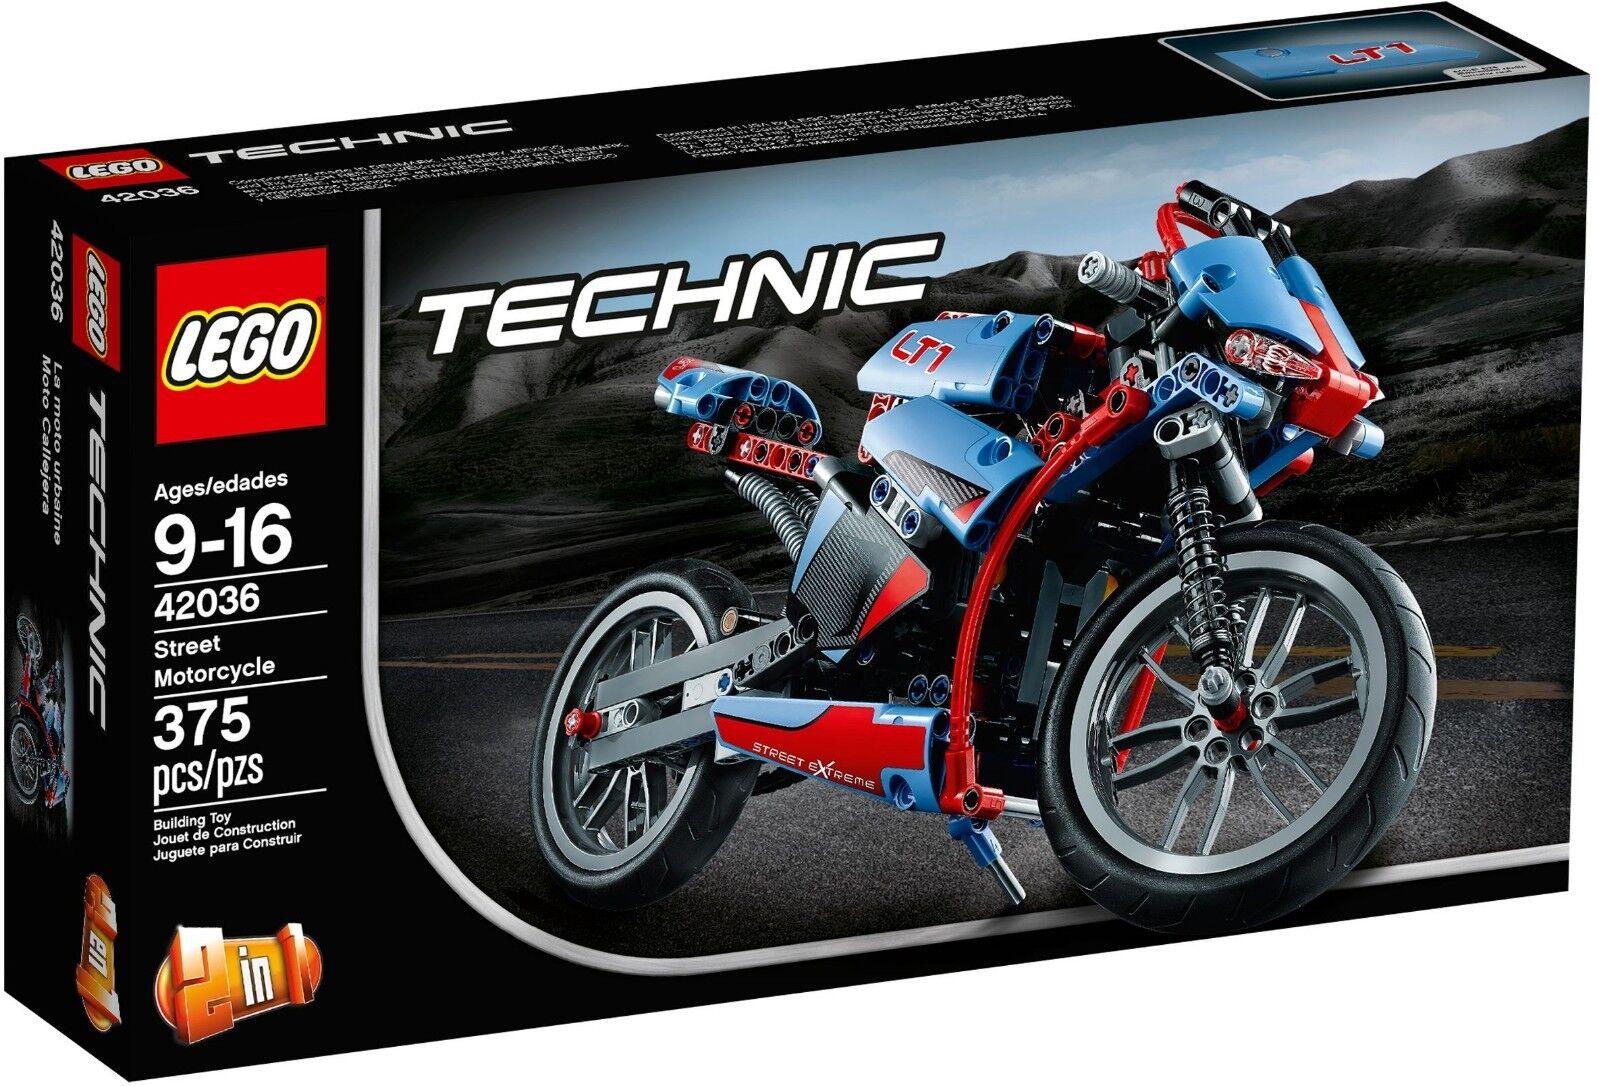 LEGO 42036 Technic Street Moto * NUOVO * NUOVO IN SCATOLA SIGILLATA SIGILLATO NON APERTO